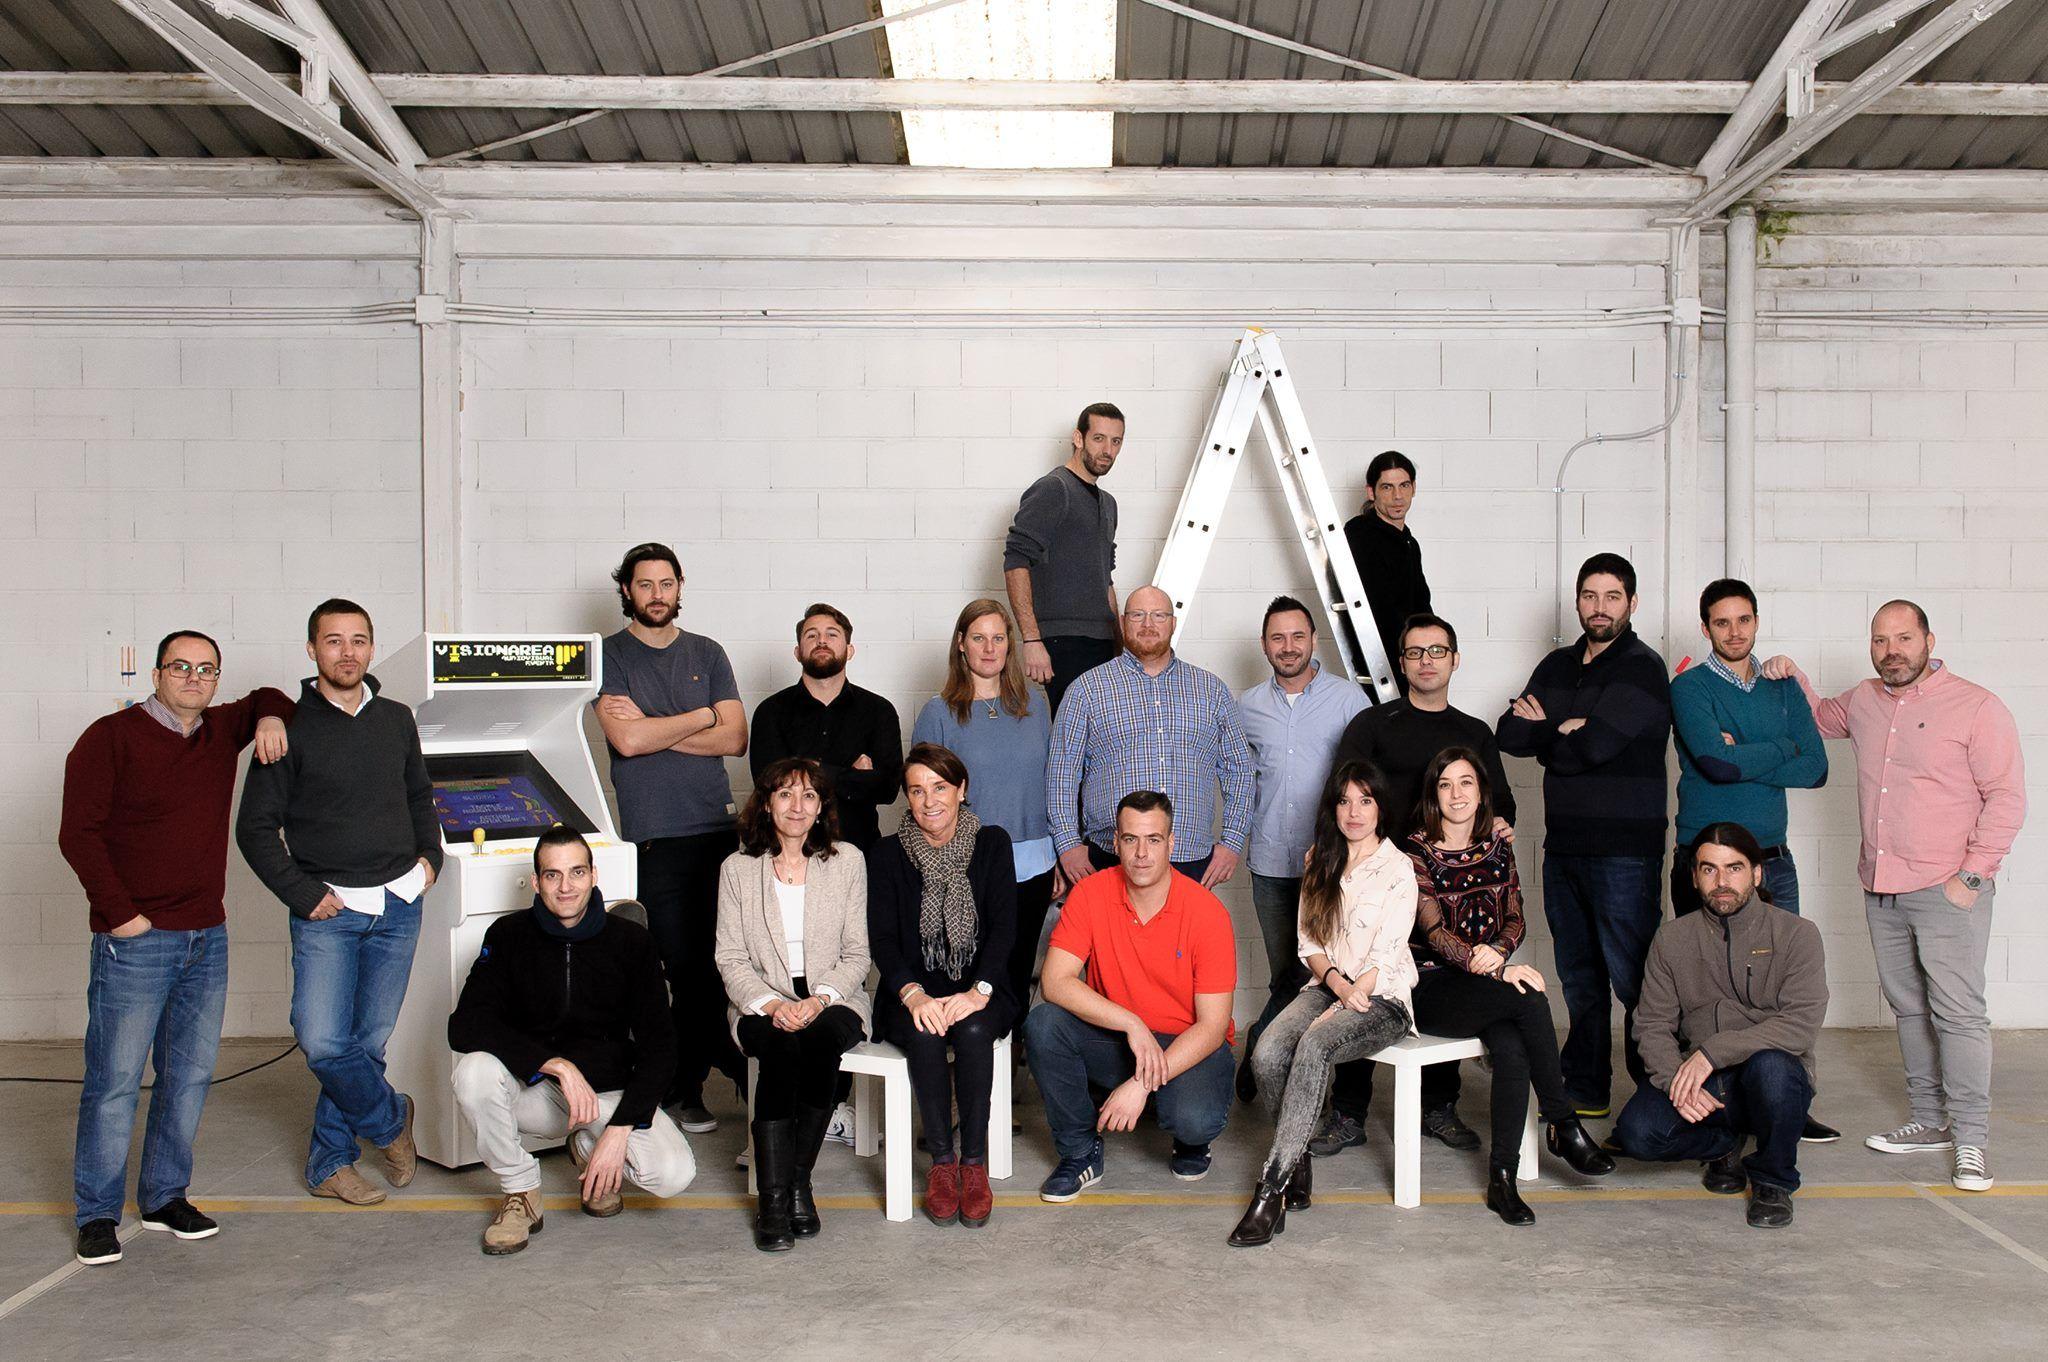 Visionarea, productora audiovisual, abre nueva oficina en Mallorca